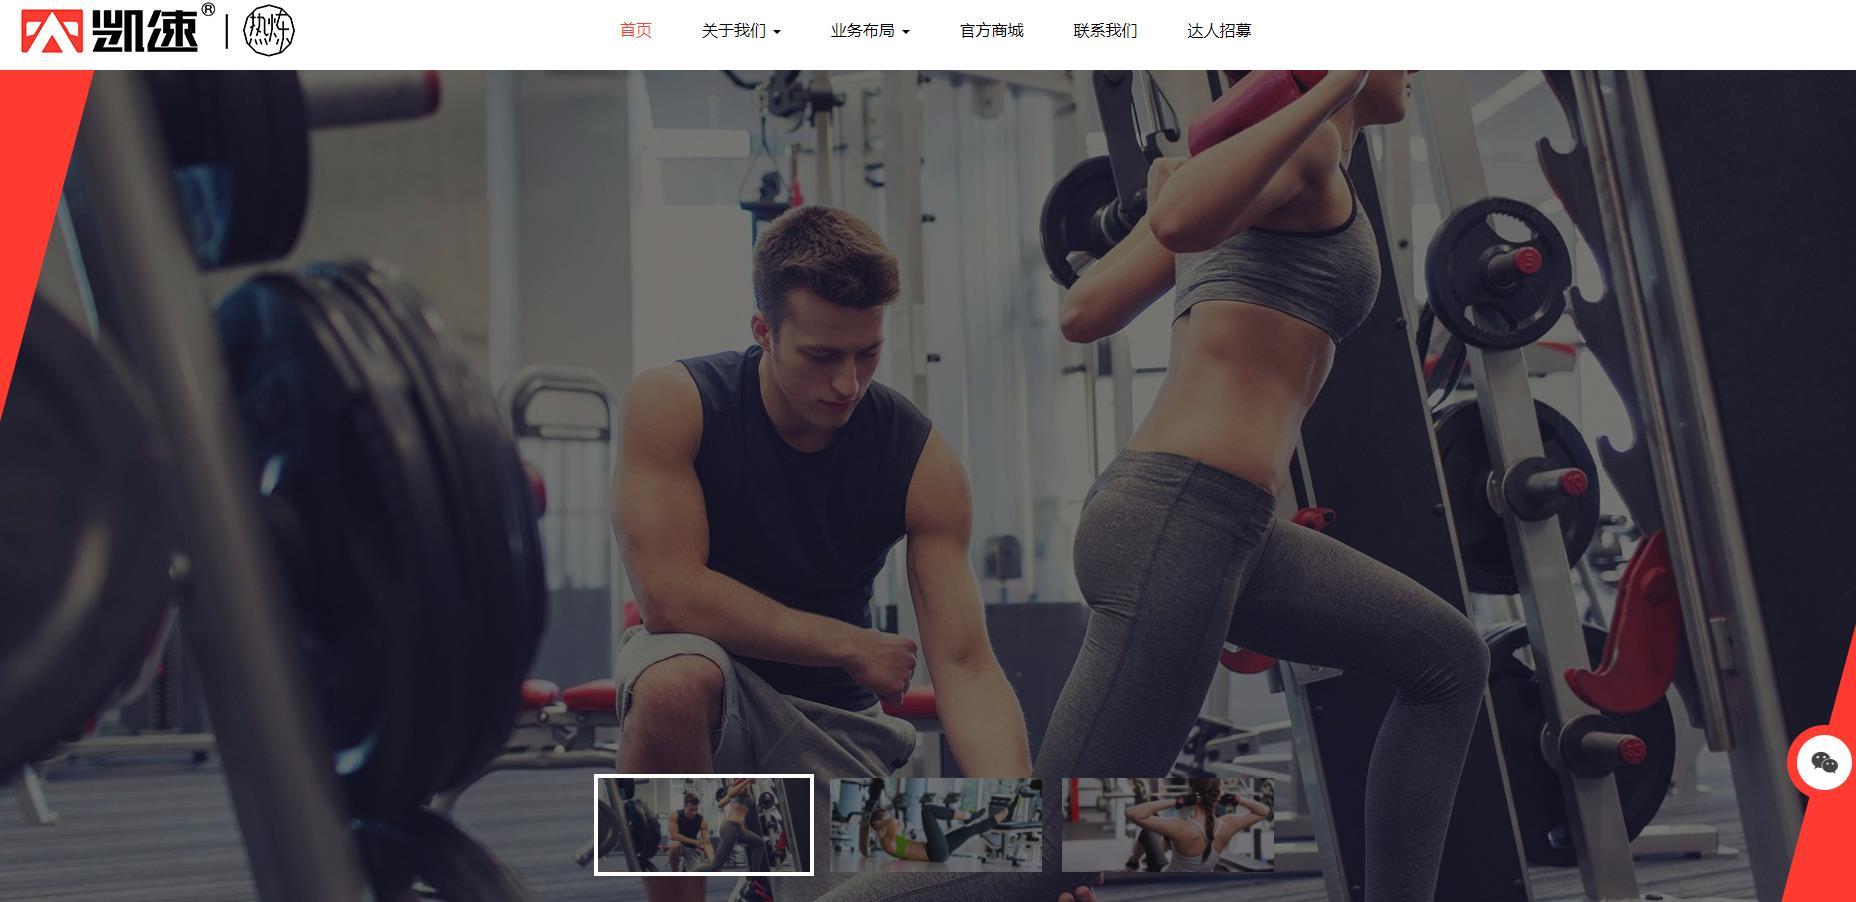 凯速运动(KANSOON)官网 凯速健身官方旗舰店